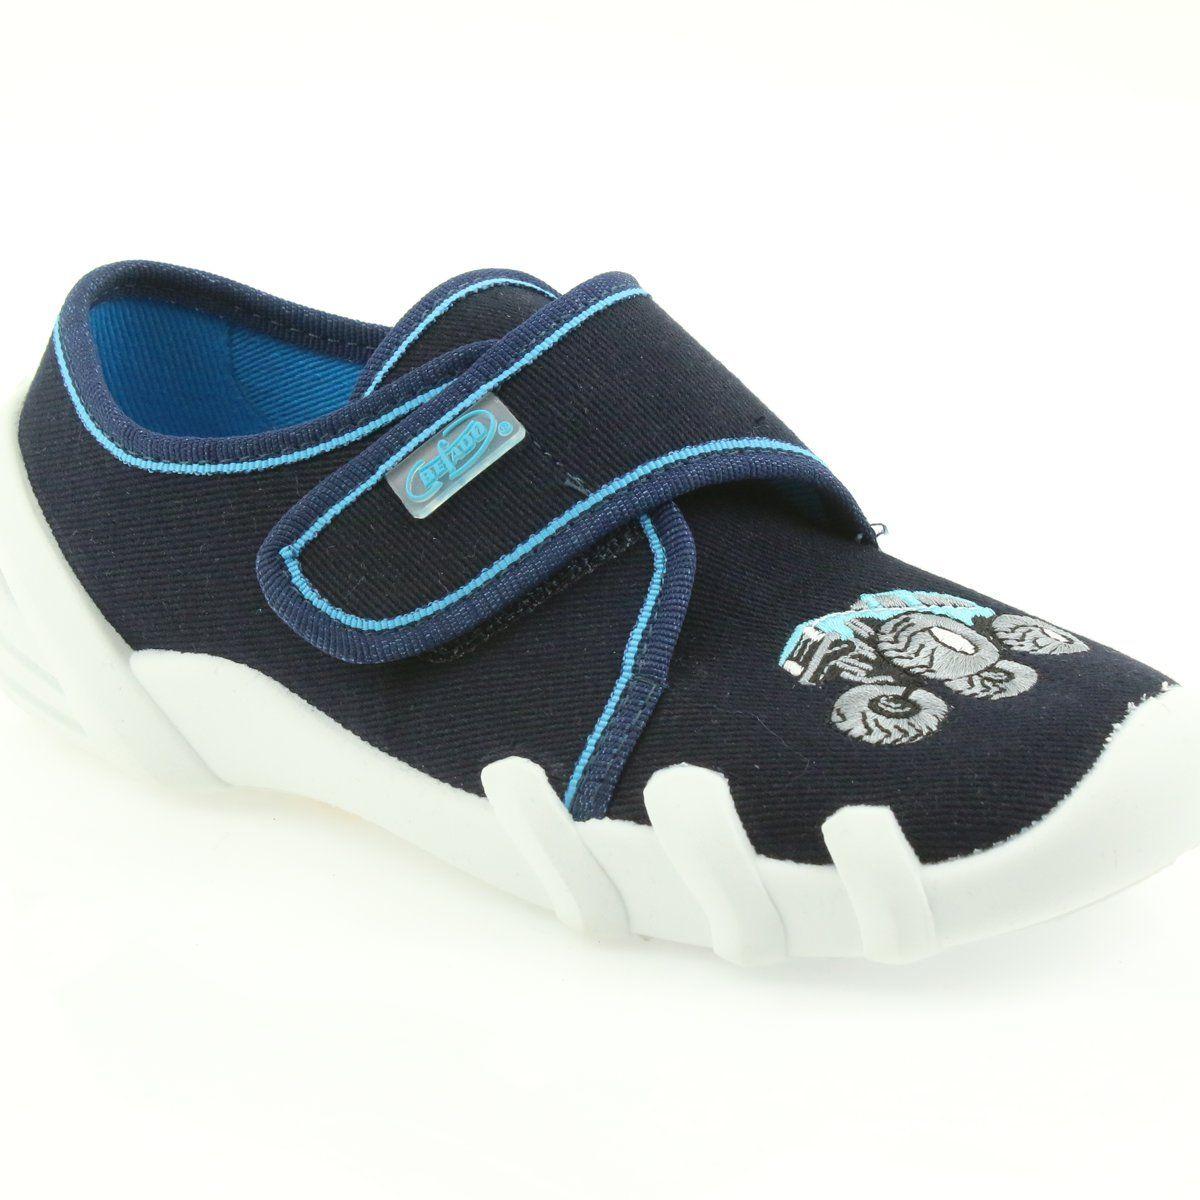 Befado Kapcie Buty Dzieciece Na Rzep 273x105 Niebieskie Granatowe Childrens Shoes Kid Shoes Childrens Slippers